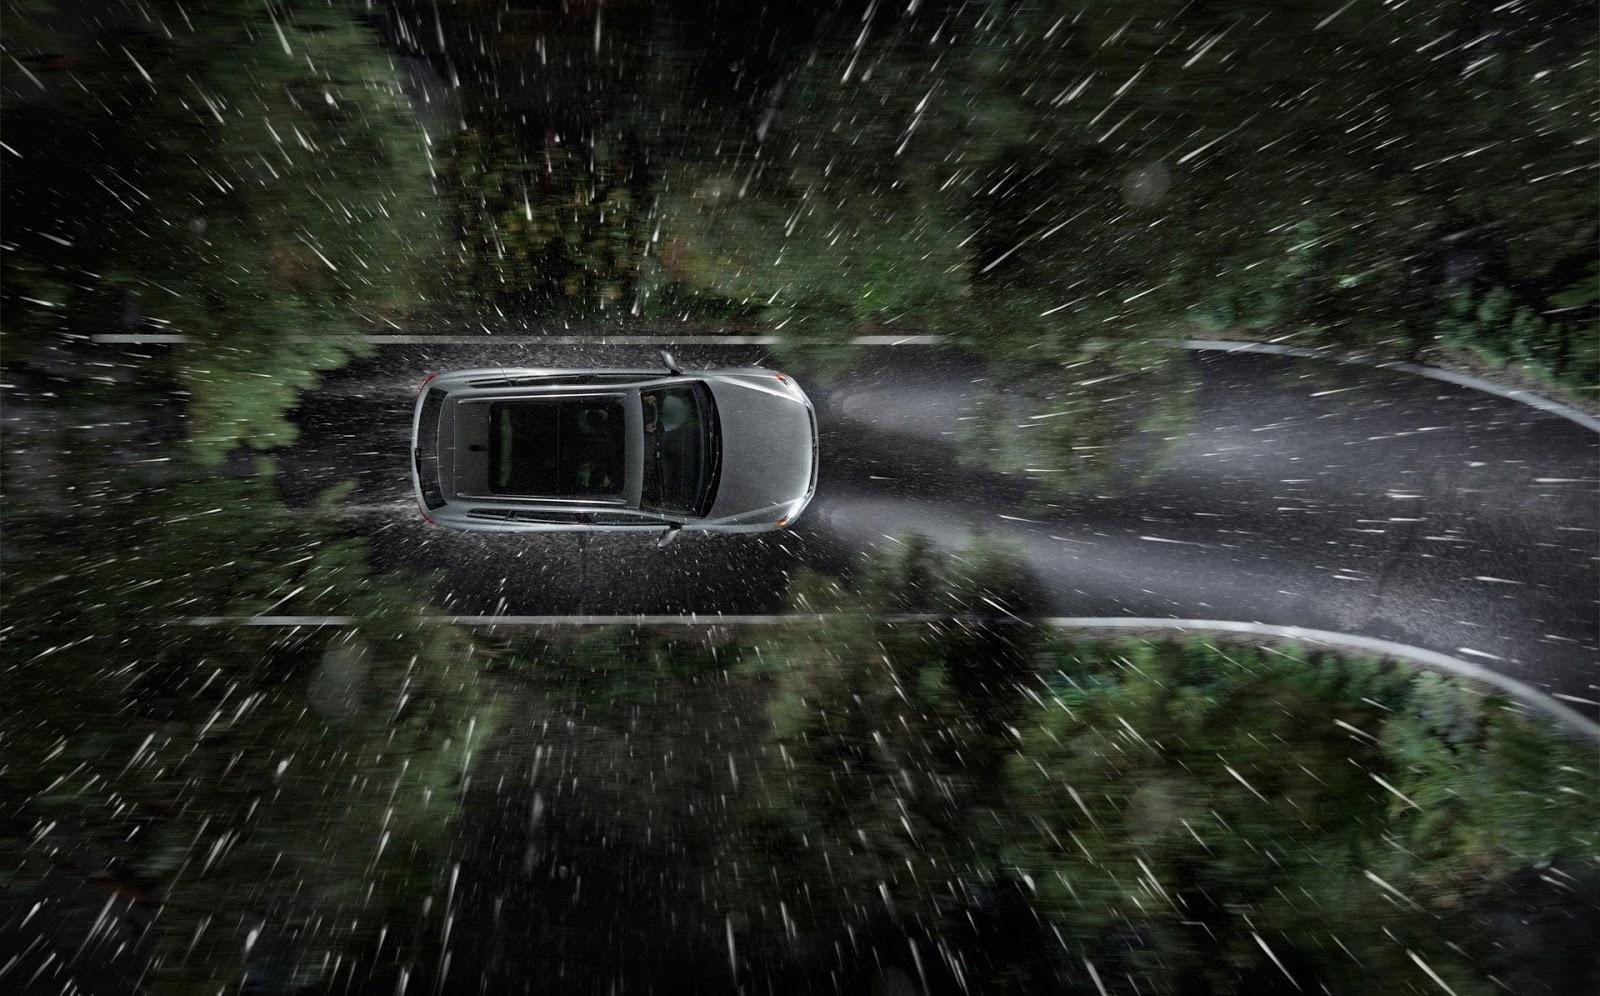 Πώς να προετοιμάσεις το αυτοκίνητό σου για τον χειμώνα zblog, αυτοκίνητο, οδήγηση, ΣΥΜΒΟΥΛΕΣ, χειμώνας